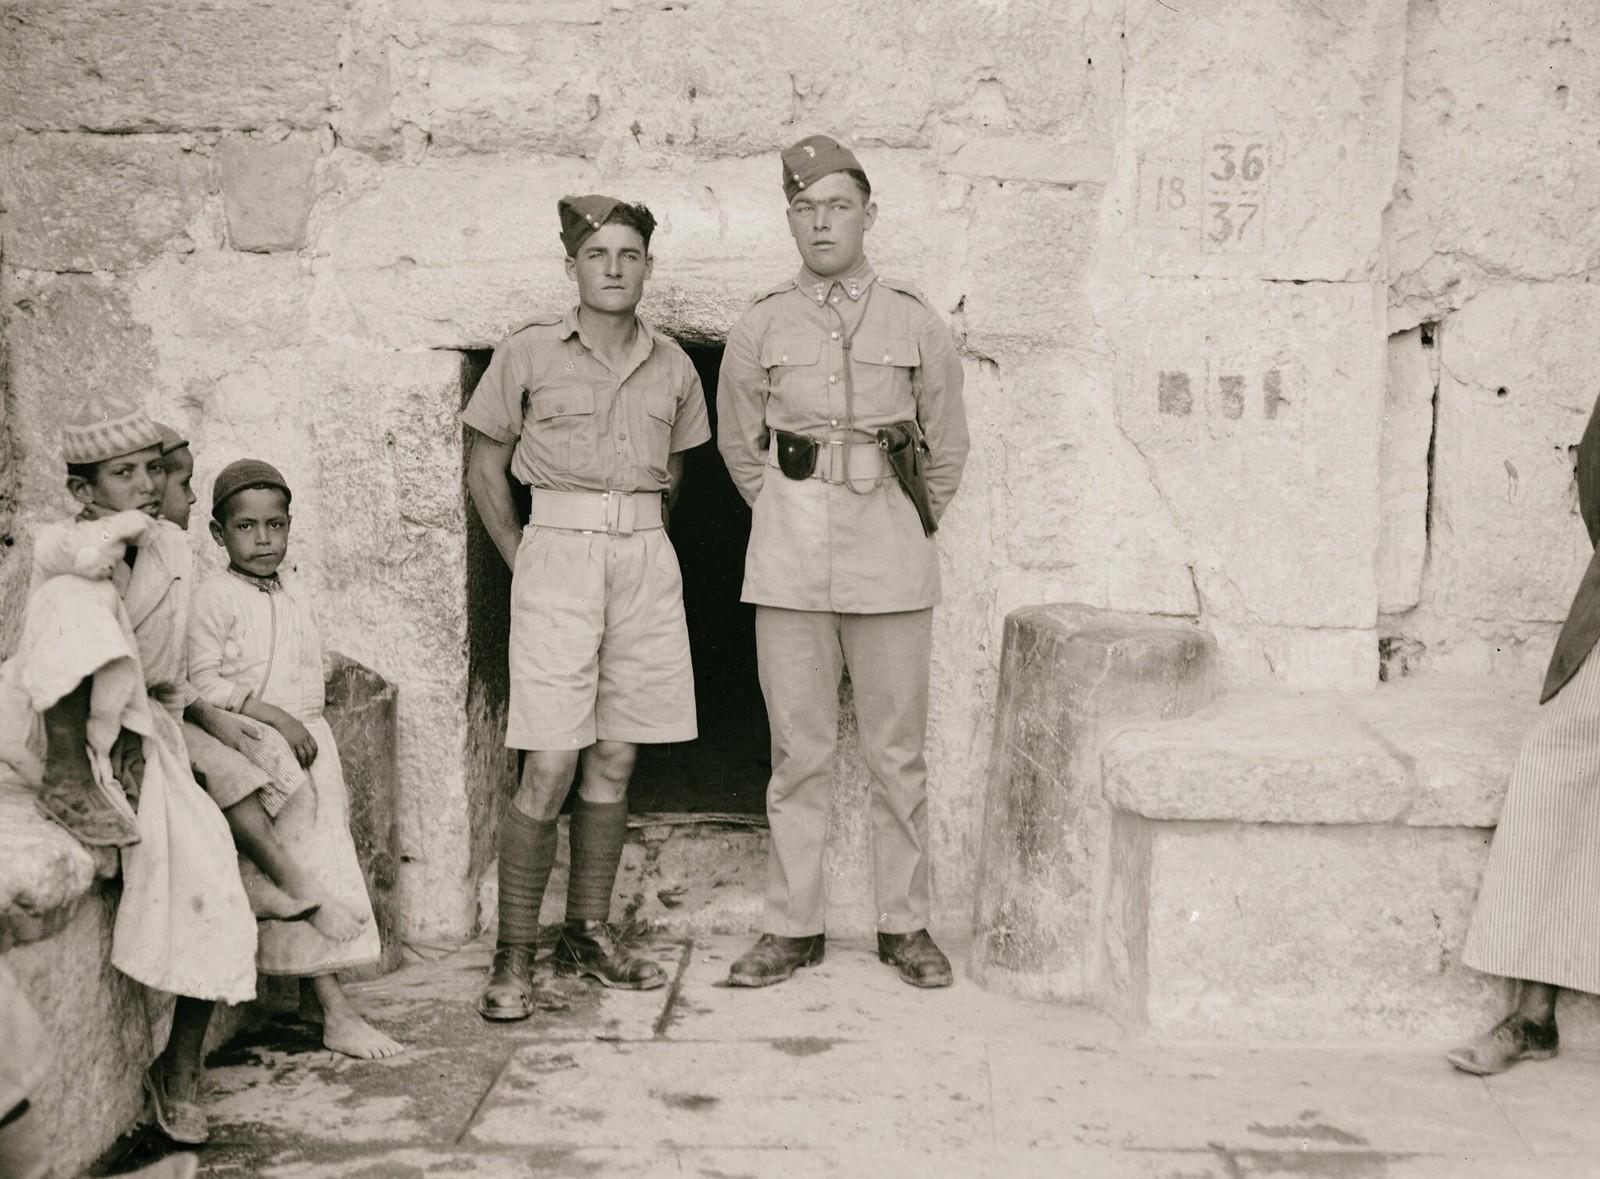 09. Вифлеем. Британские солдаты в дверях церкви Рождества Христова